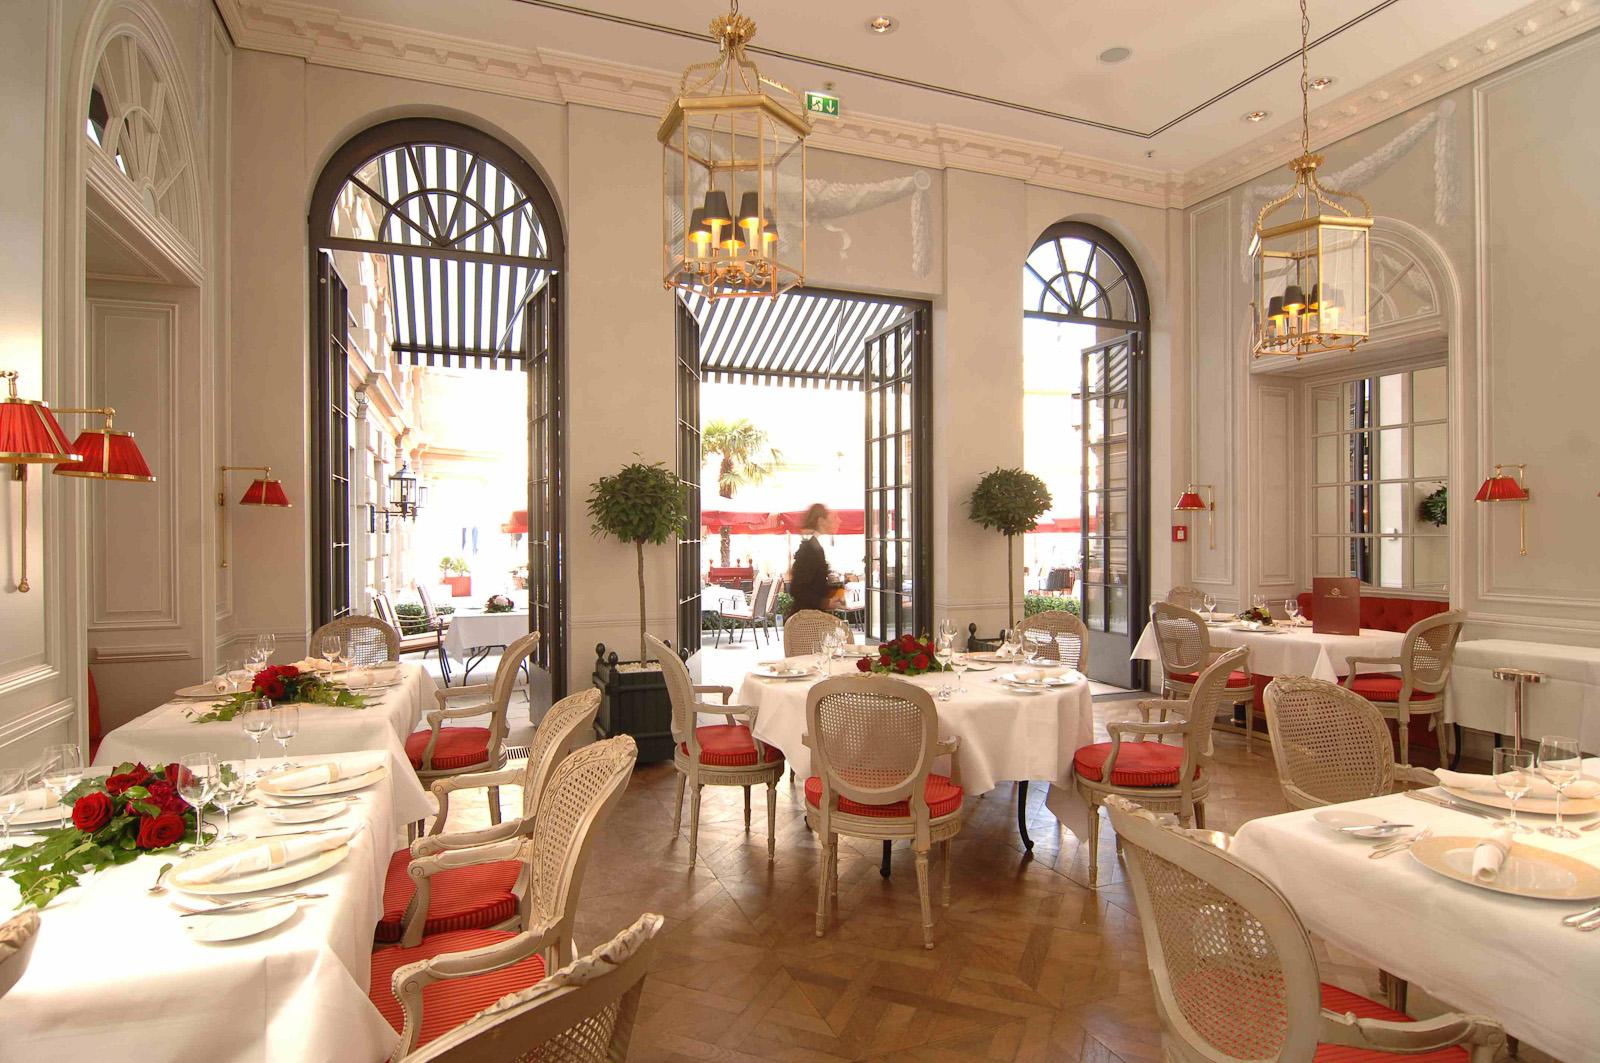 Top 5 Restaurants in Frankfurt  Top 5 Restaurants in Frankfurt Top 5 Restaurants in Frankfurt that You Need to Try 16 Francais